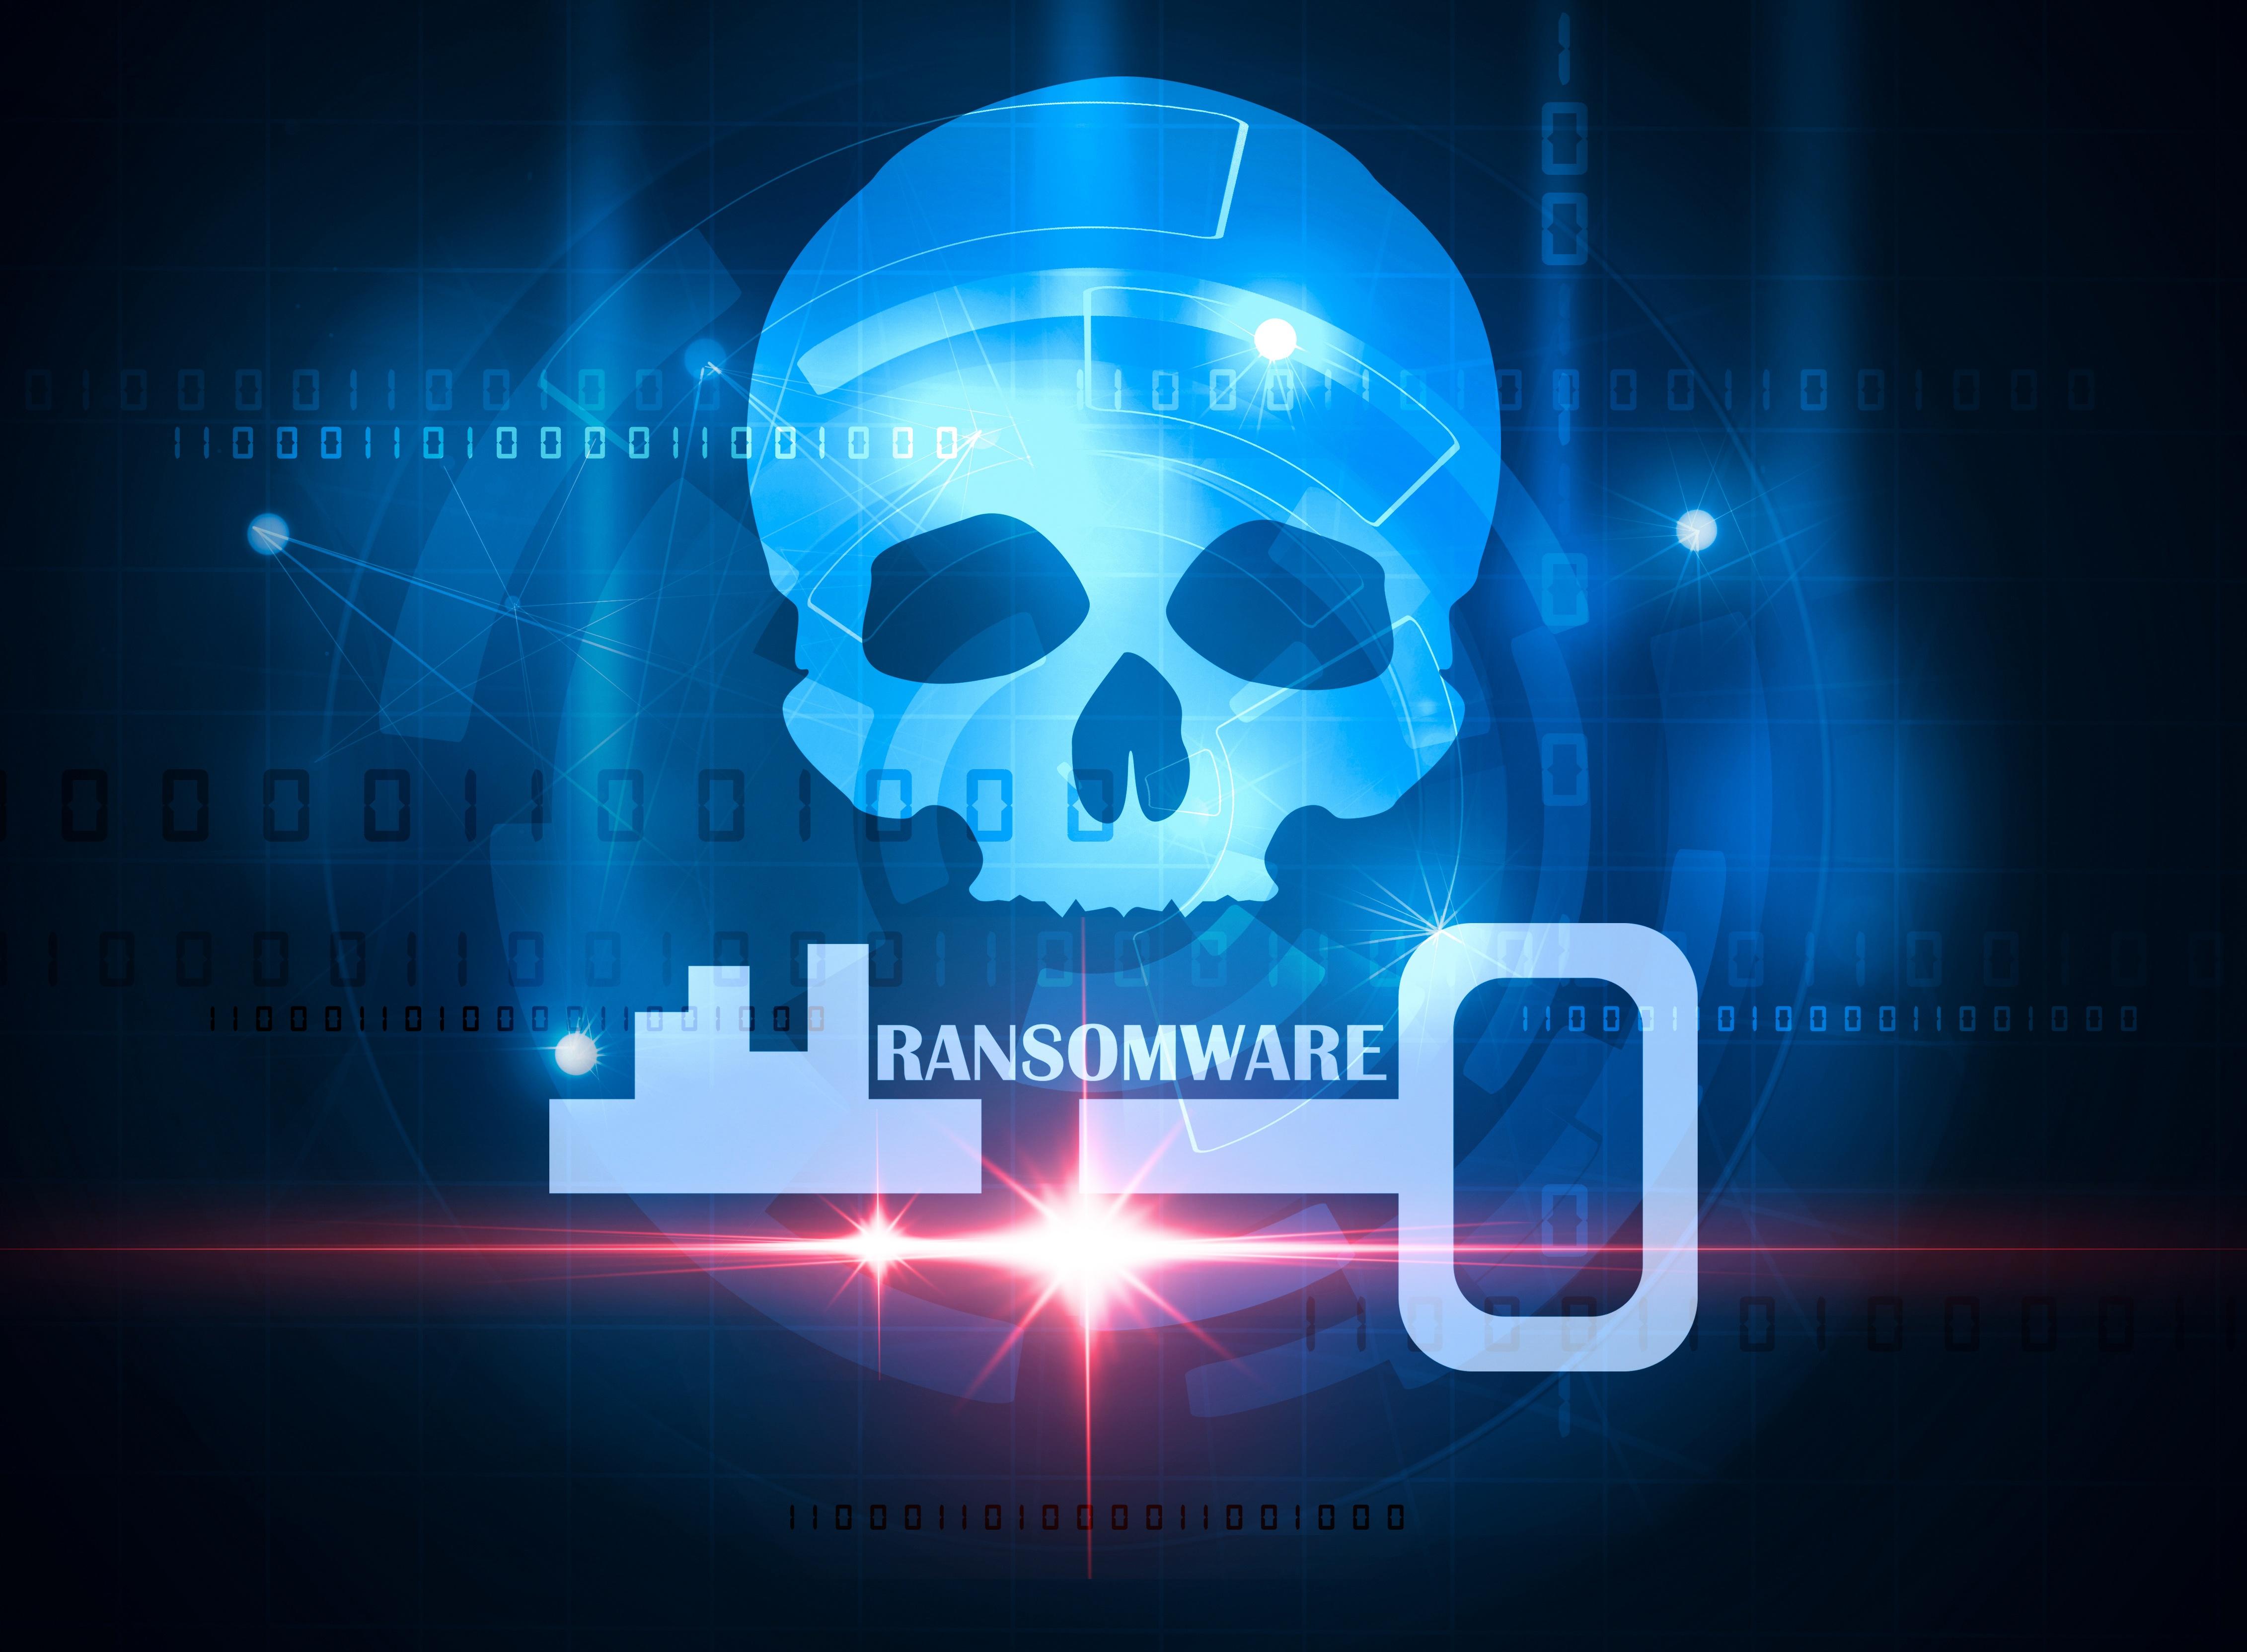 rasomware_malware_ciberataques.jpg